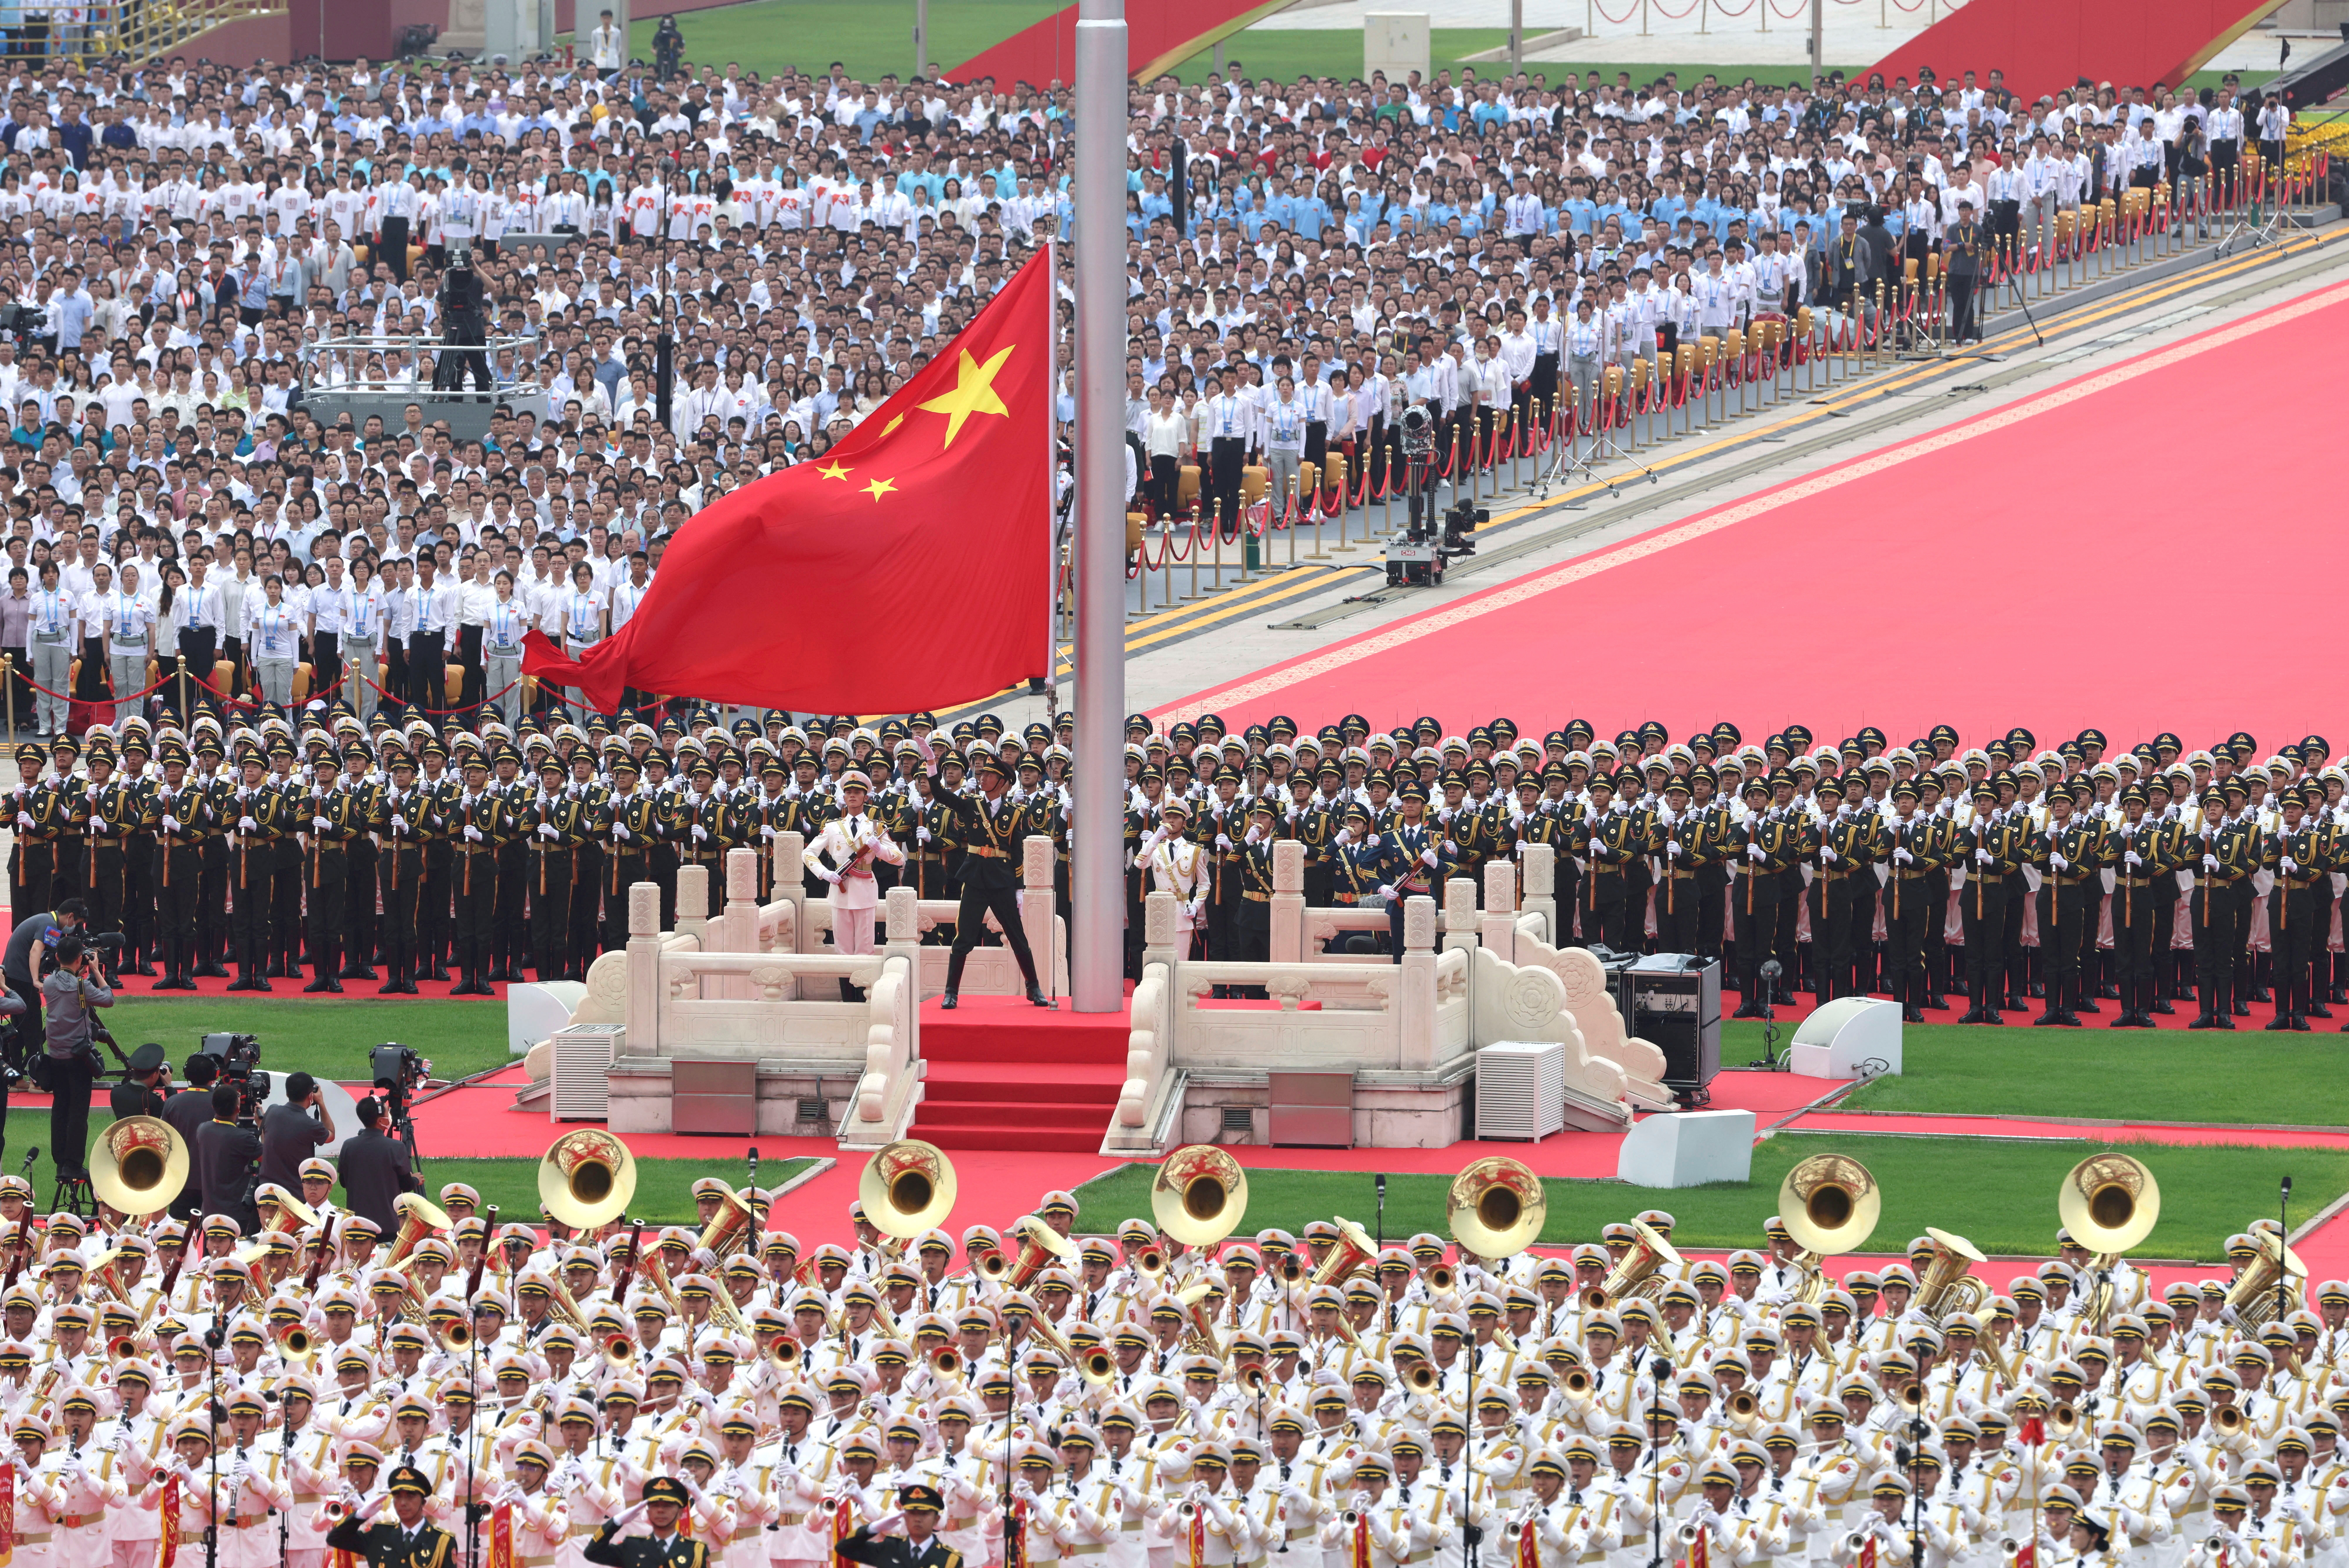 中共,共同富裕,毛澤東,鄧小平,江澤民,胡錦濤,習近平,兩岸關係,二十大,馬雲